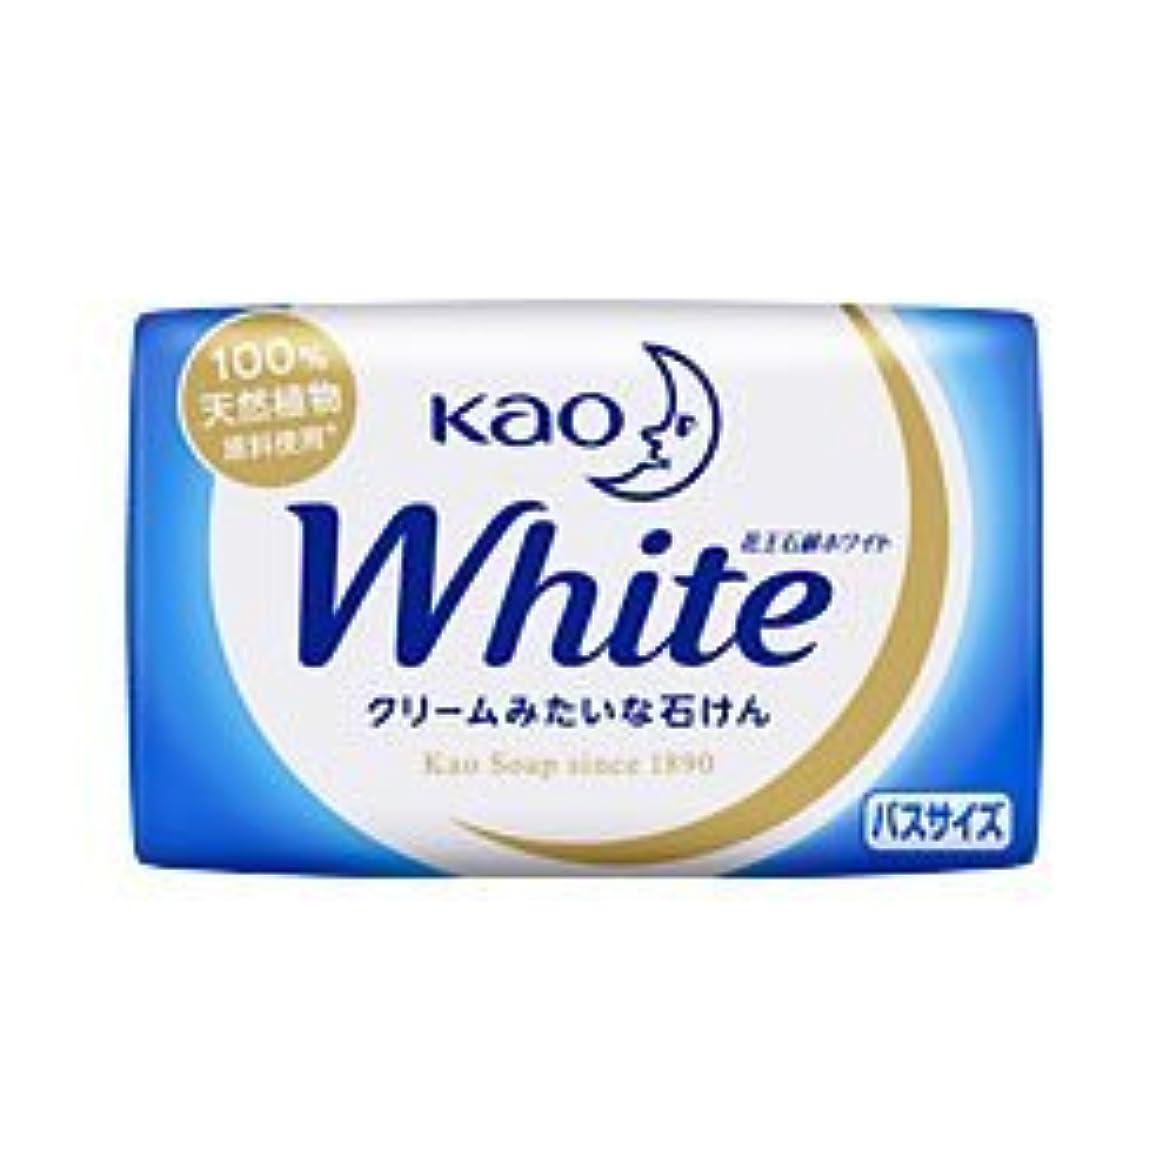 ホーン無意識自明【花王】花王ホワイト バスサイズ 1個 130g ×10個セット